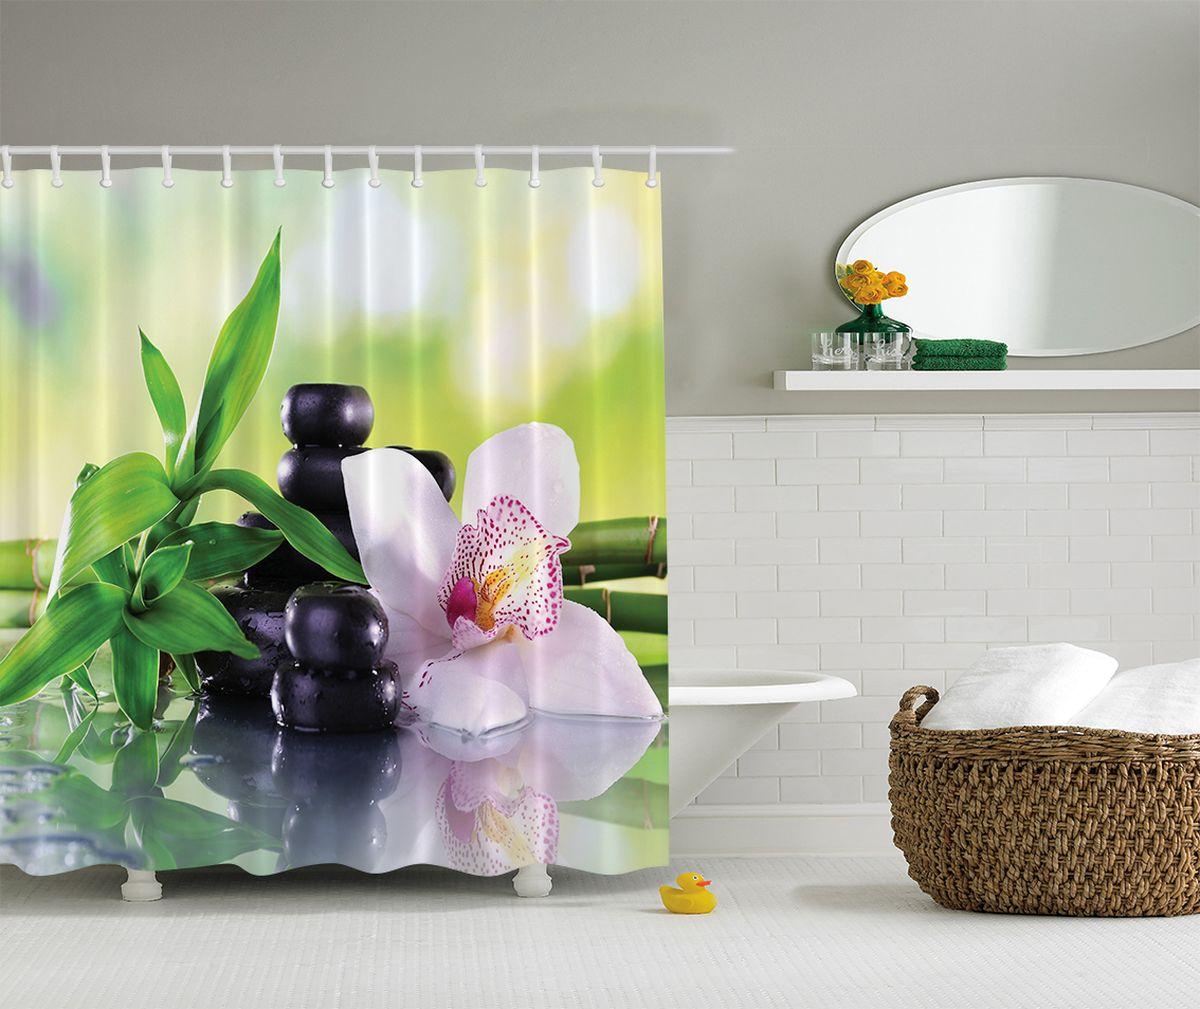 Штора для ванной комнаты Magic Lady Спокойствие, 180 х 200 смшв_2605Штора Magic Lady Спокойствие, изготовленная из высококачественного сатена (полиэстер 100%), отлично дополнит любой интерьер ванной комнаты. При изготовлении используются специальные гипоаллергенные чернила для прямой печати по ткани, безопасные для человека.В комплекте: 1 штора, 12 крючков. Обращаем ваше внимание, фактический цвет изделия может незначительно отличаться от представленного на фото.